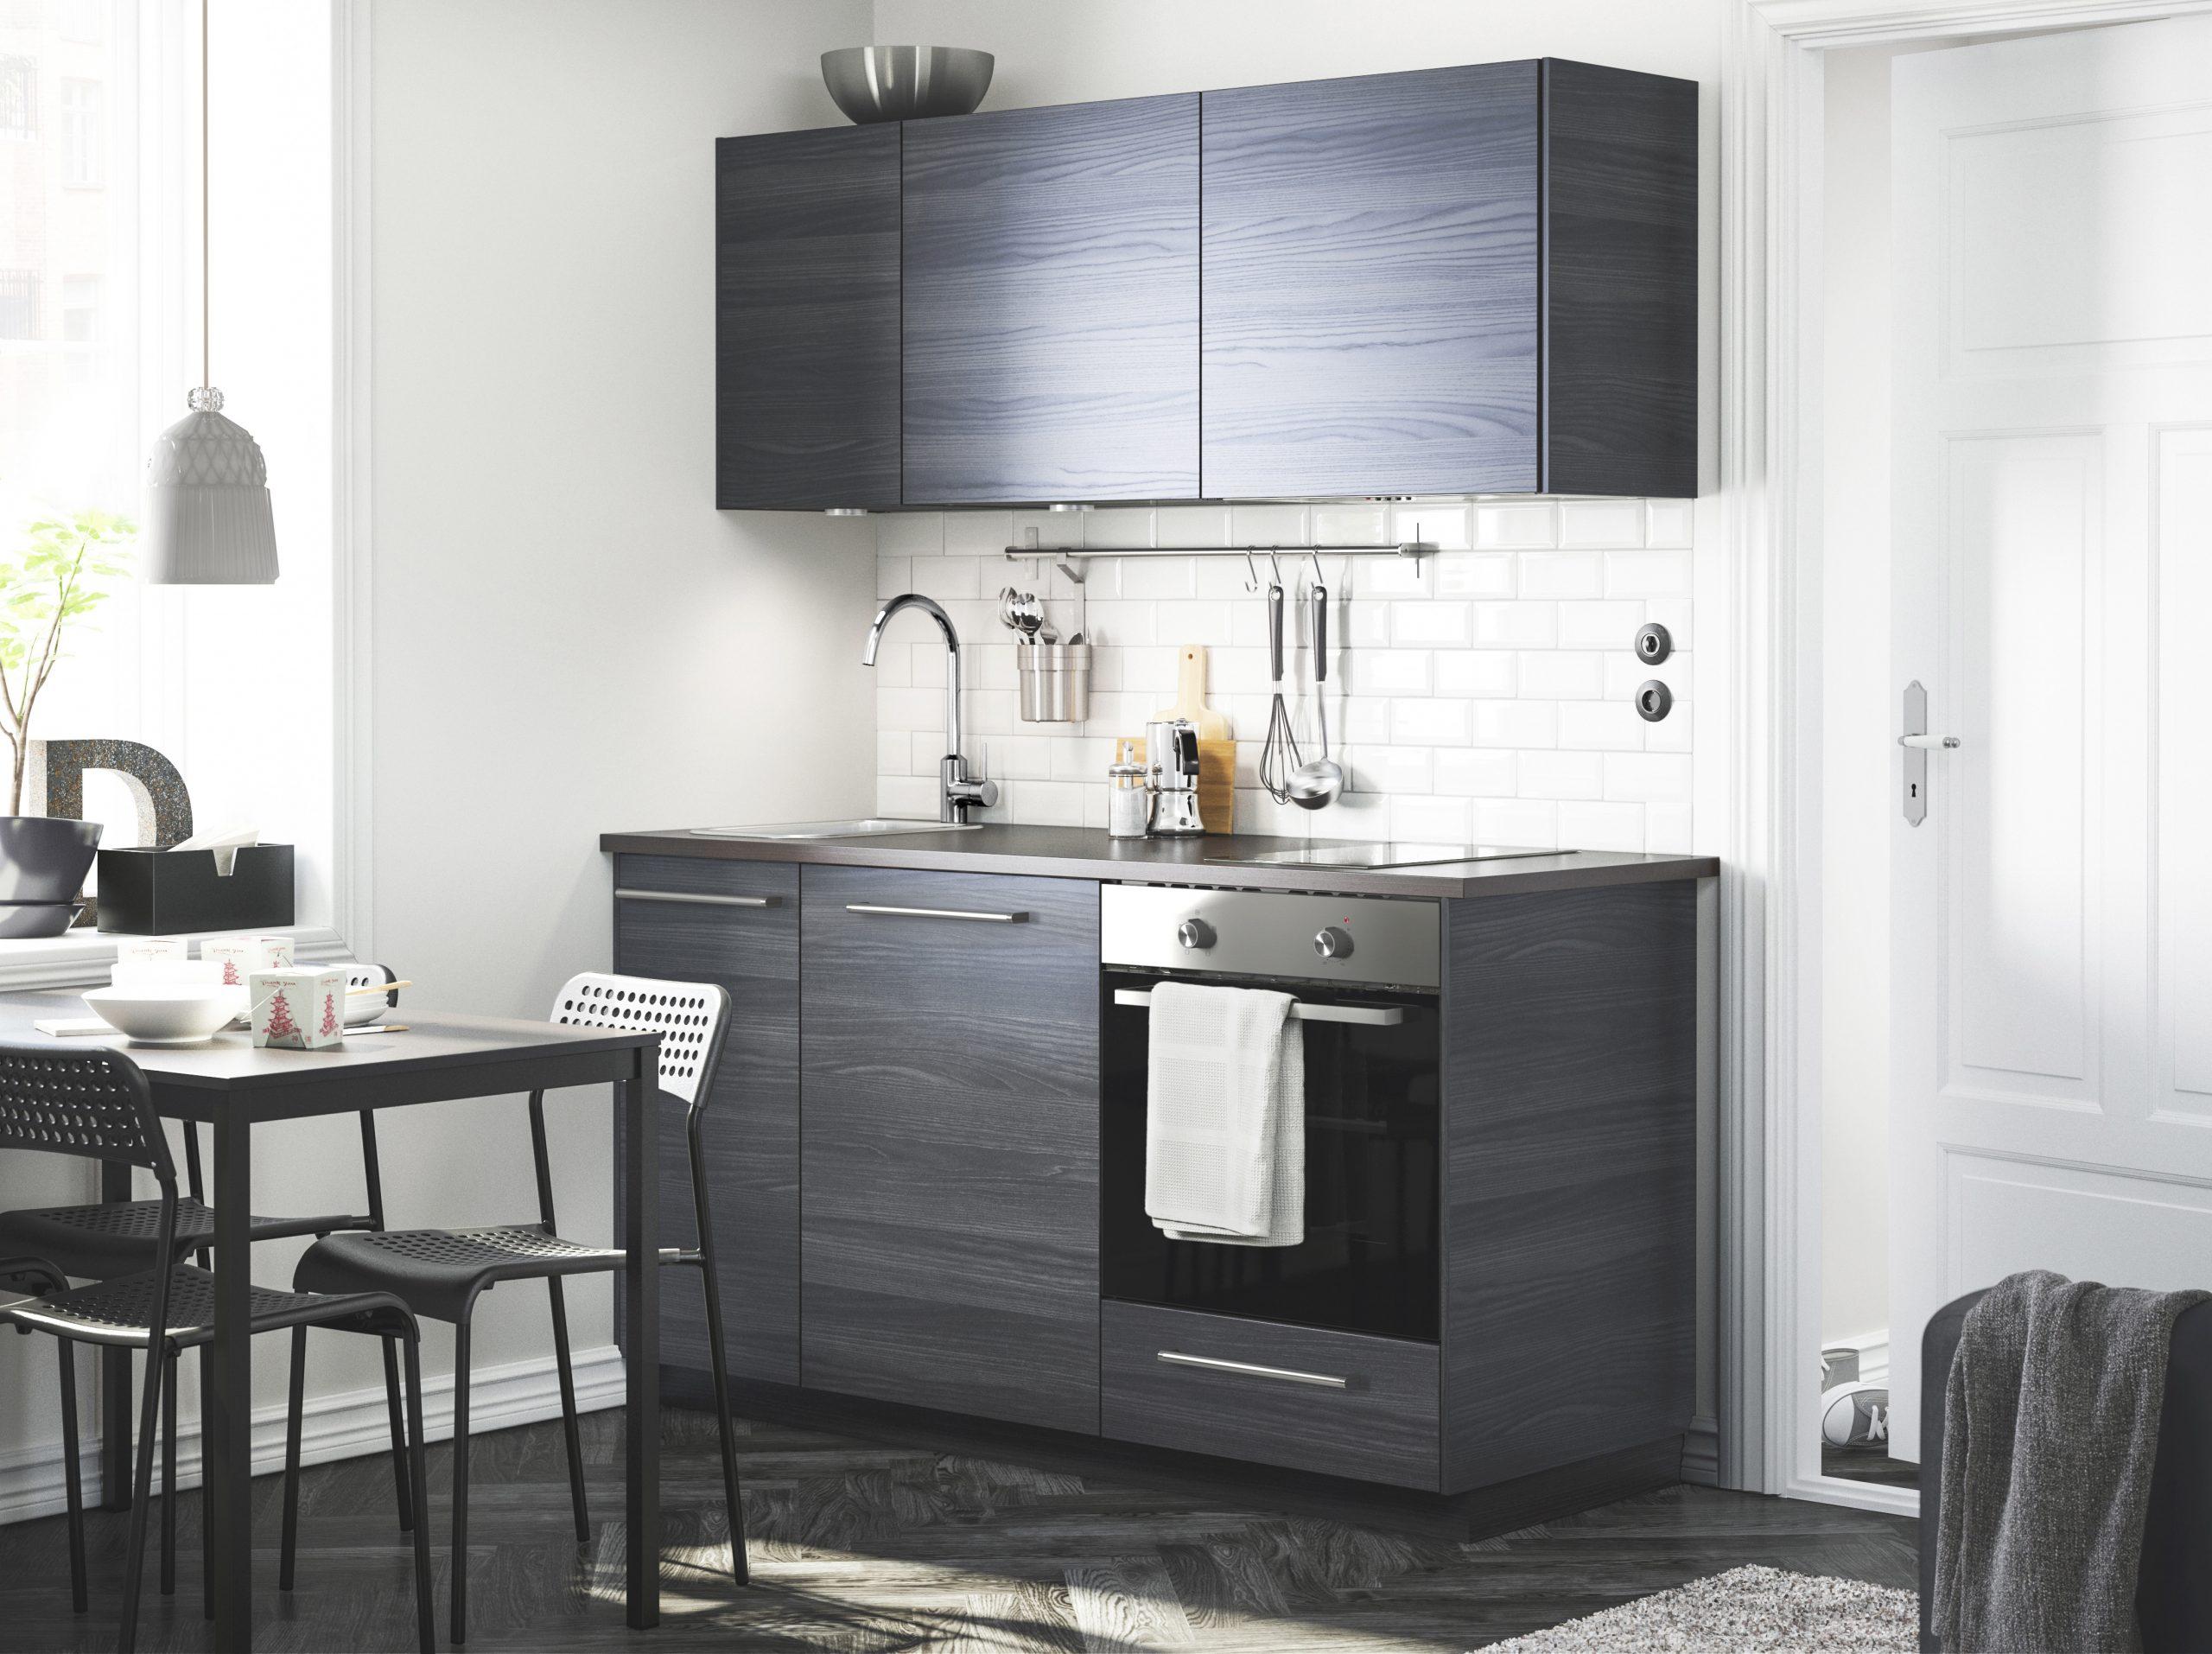 Full Size of Ikea Miniküche Küche Kaufen Kosten Modulküche Betten Bei 160x200 Sofa Mit Schlaffunktion Wohnzimmer Ikea Miniküchen